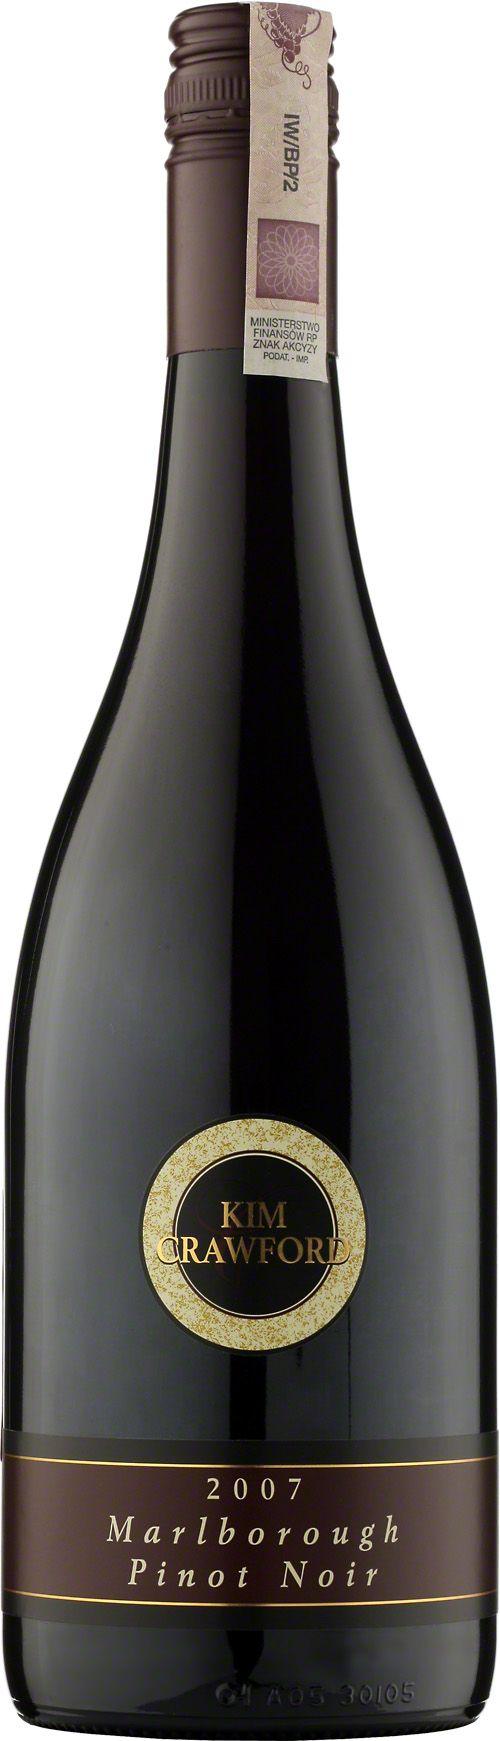 Kim Crawford Pinot Noir Marlborough Wino o rubinowo-czerwonym kolorze. Dobrze zrównoważone, z aromatami czereśni i śliwki z niuansem wanilii i dębu. #KimCrawford #PinotNoir #Marlborough #Wino #Winezja #NowaZelandia